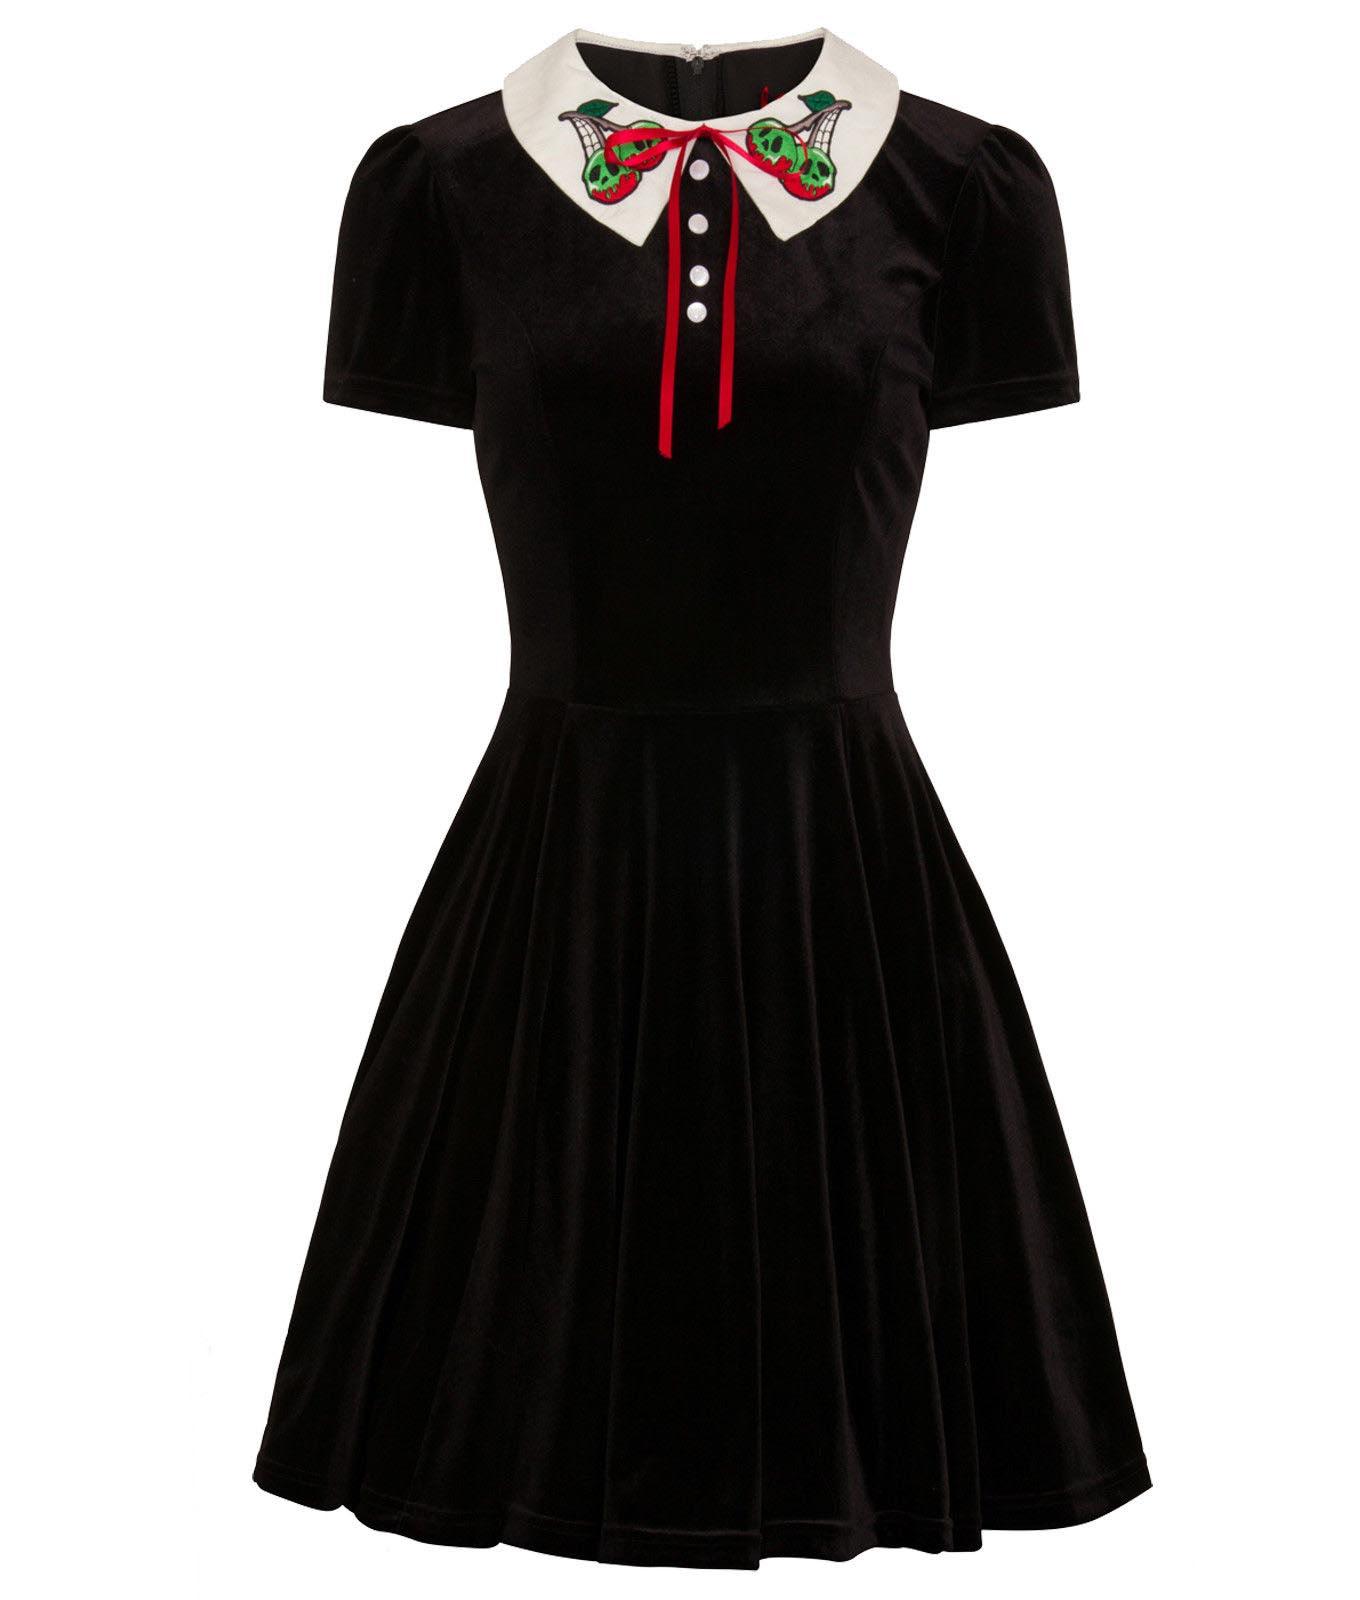 Hell-Bunny-Goth-Mini-Skater-Dress-NIGHTSHADE-Poison-Cherry-Black-Velvet-All-Size thumbnail 11